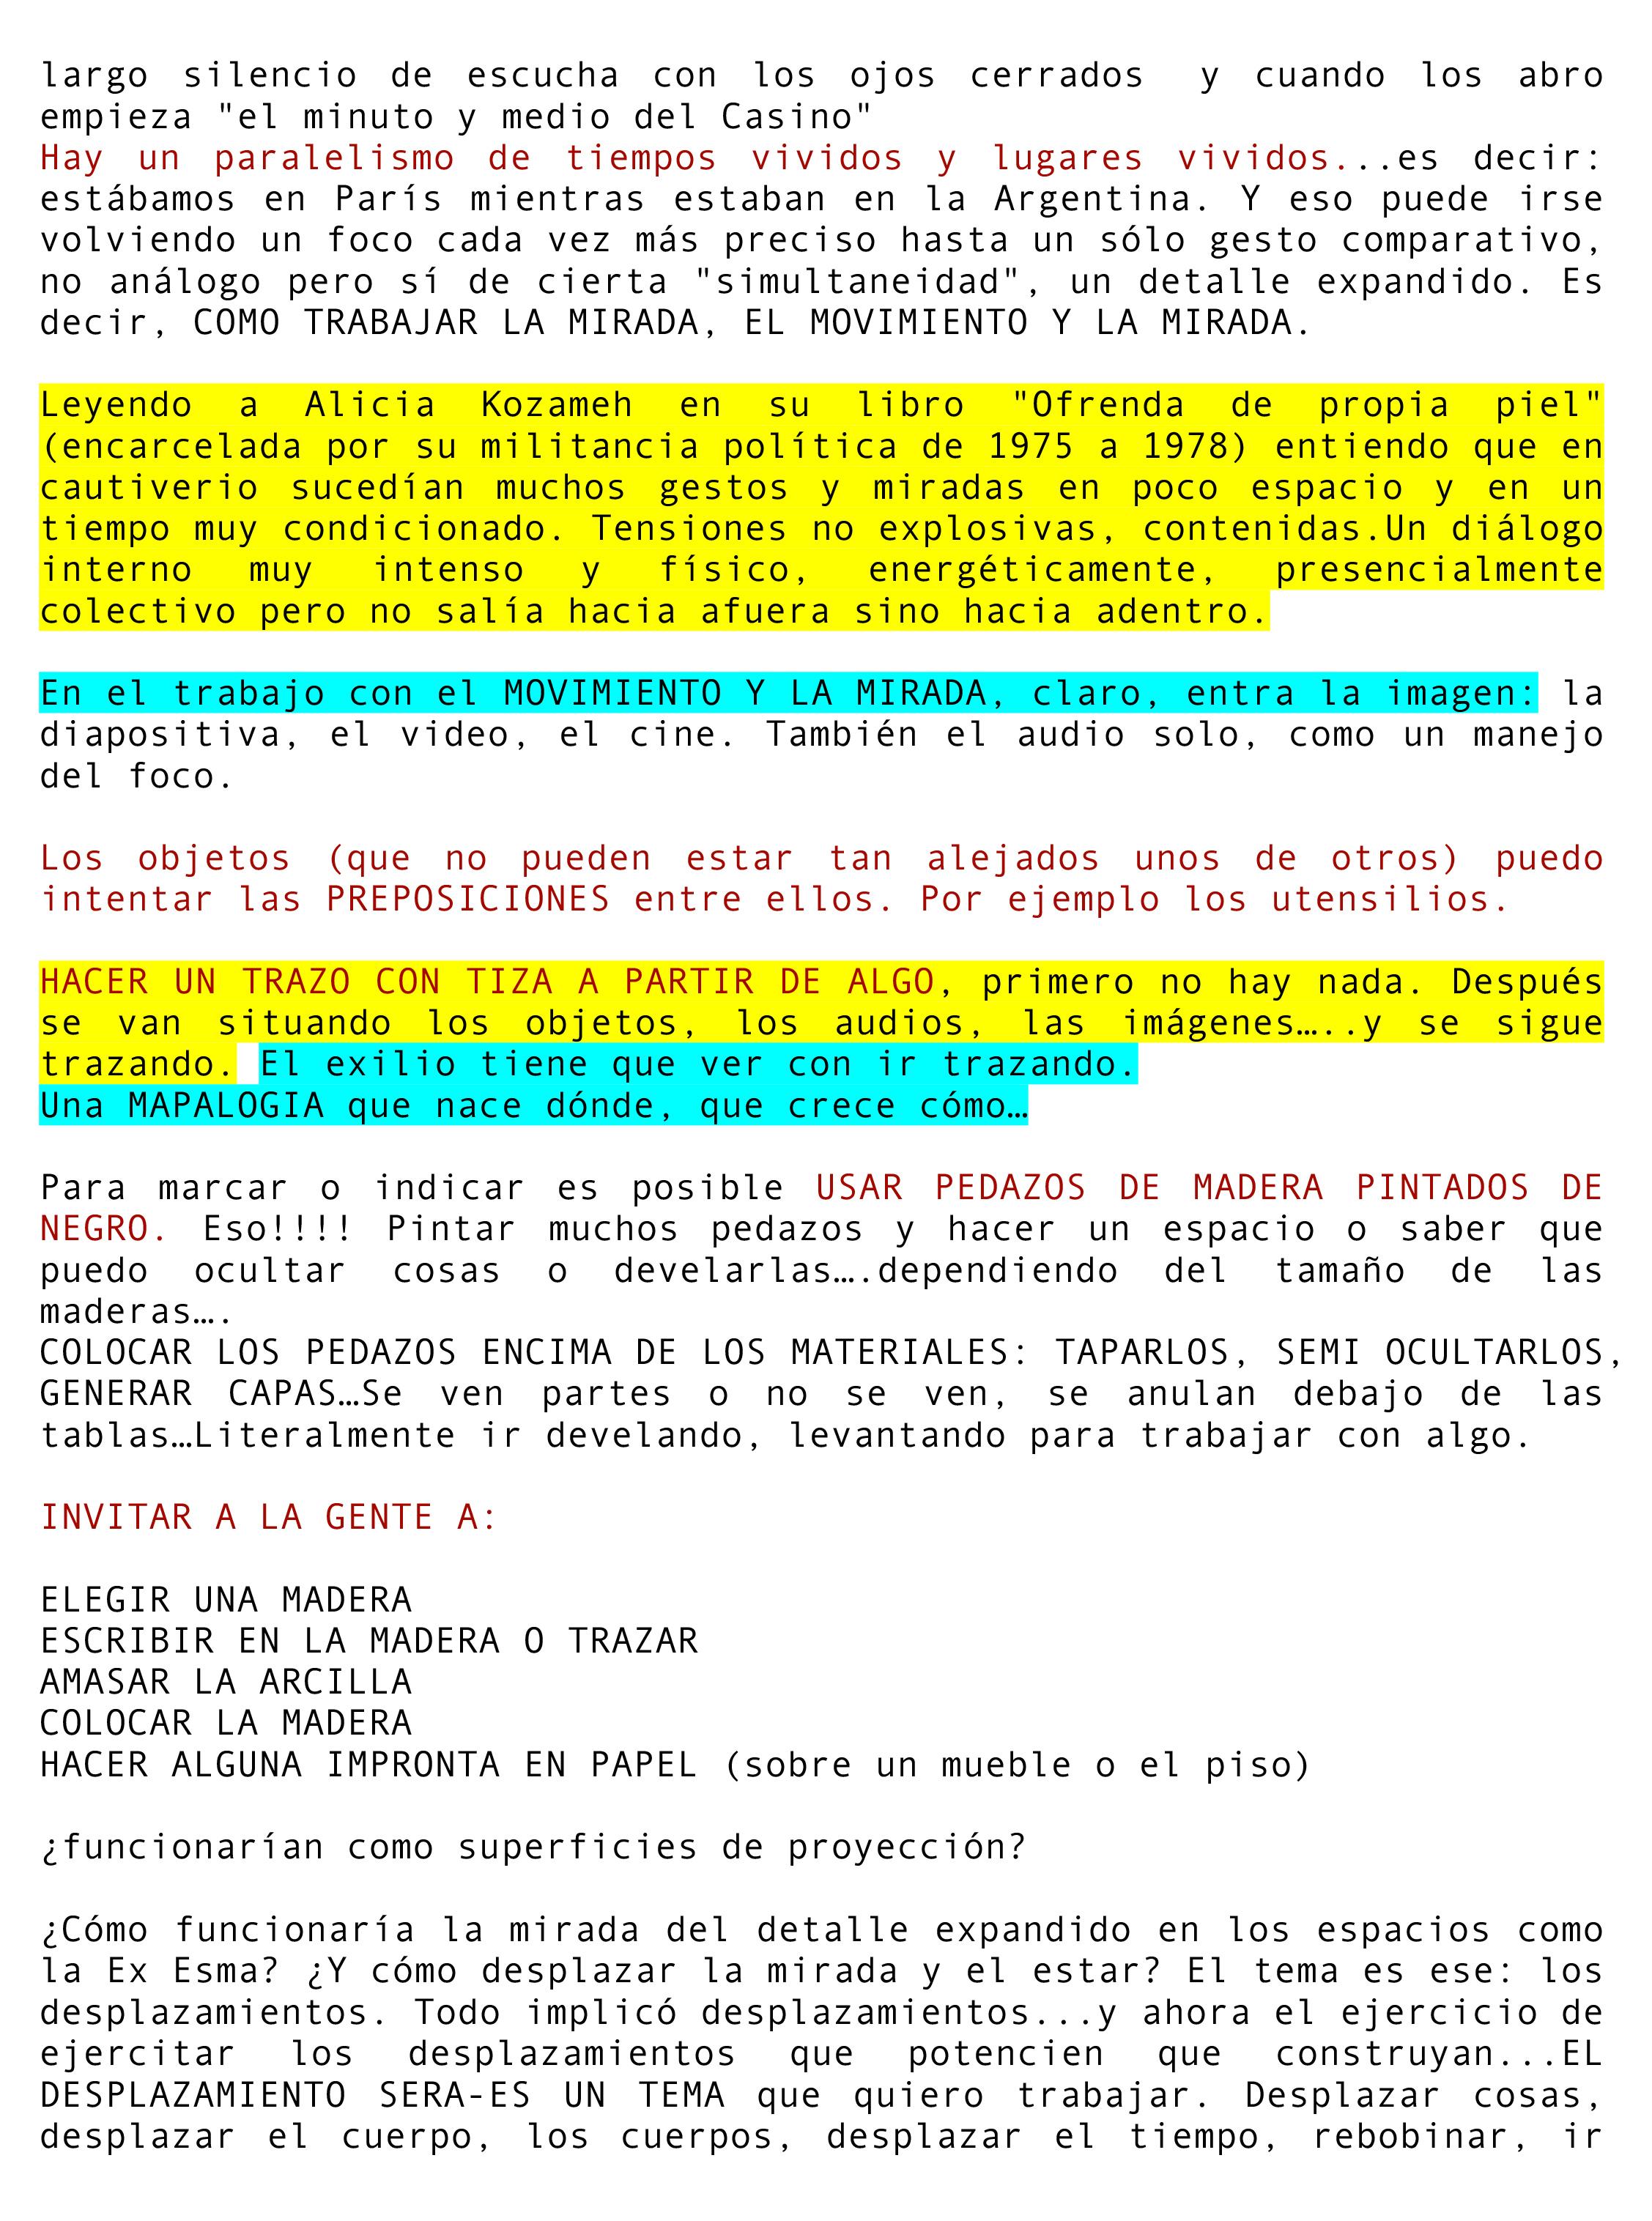 DIARIO_ARGENTINA-6.jpg